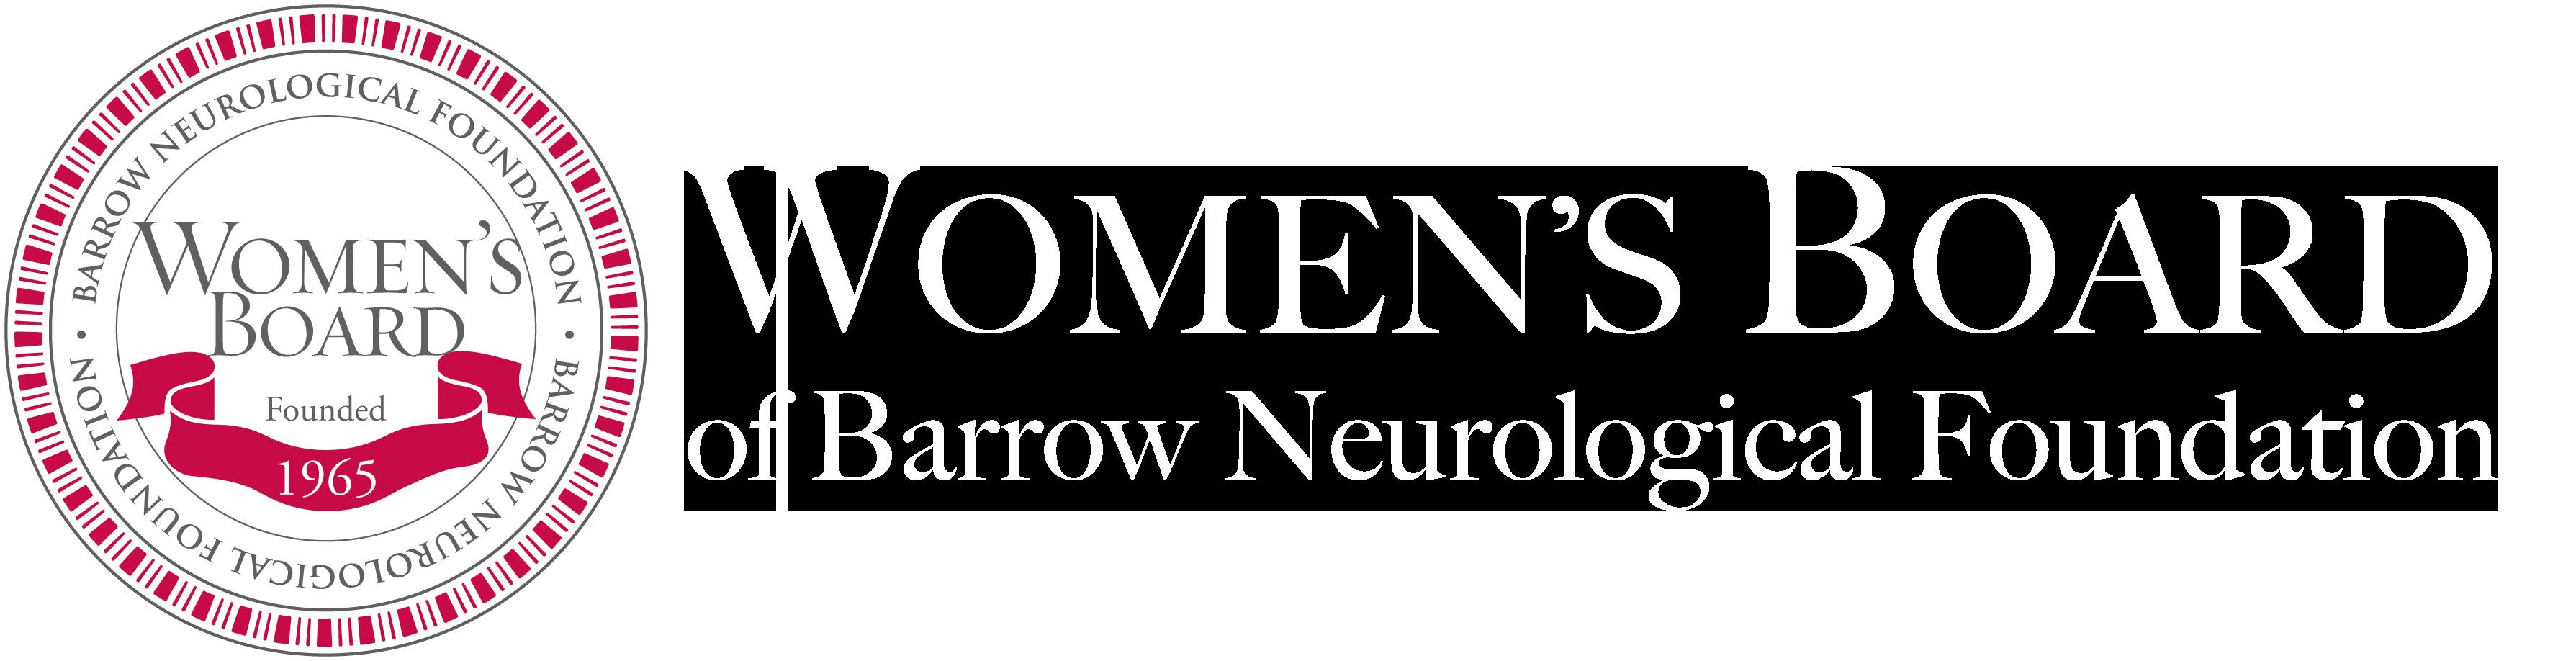 Women's Board Roundel